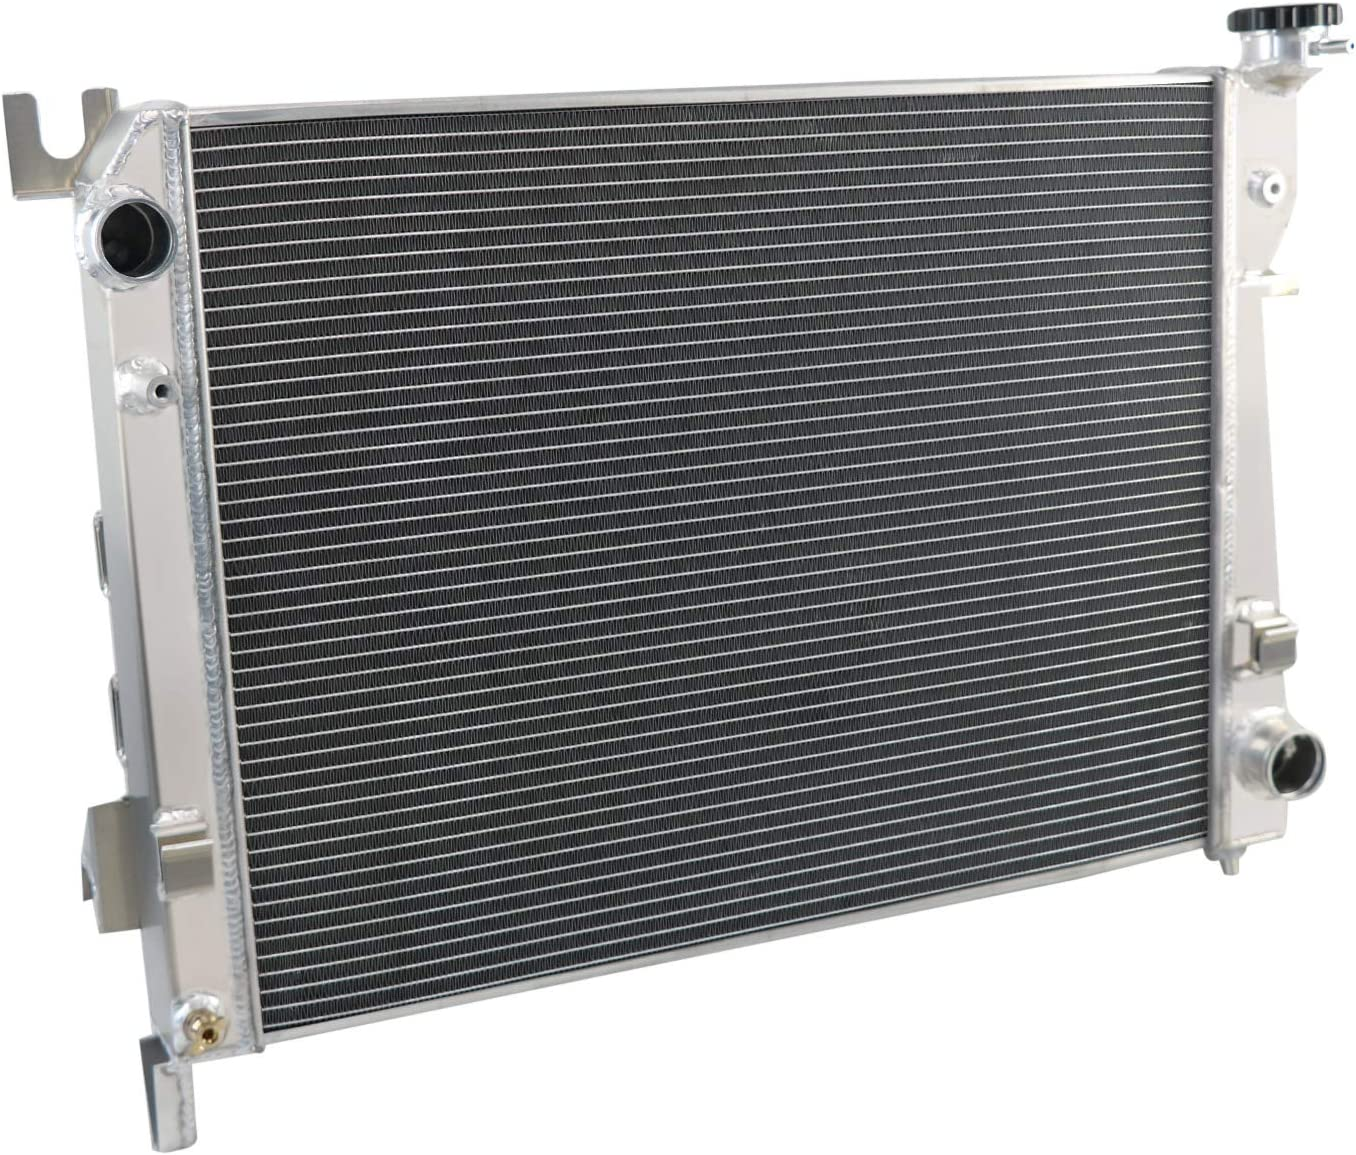 3 Row Radiator For Dodge Ram 1500 2500 3500 Pickup 5.7L Hemi V8 2003-2009 06 08